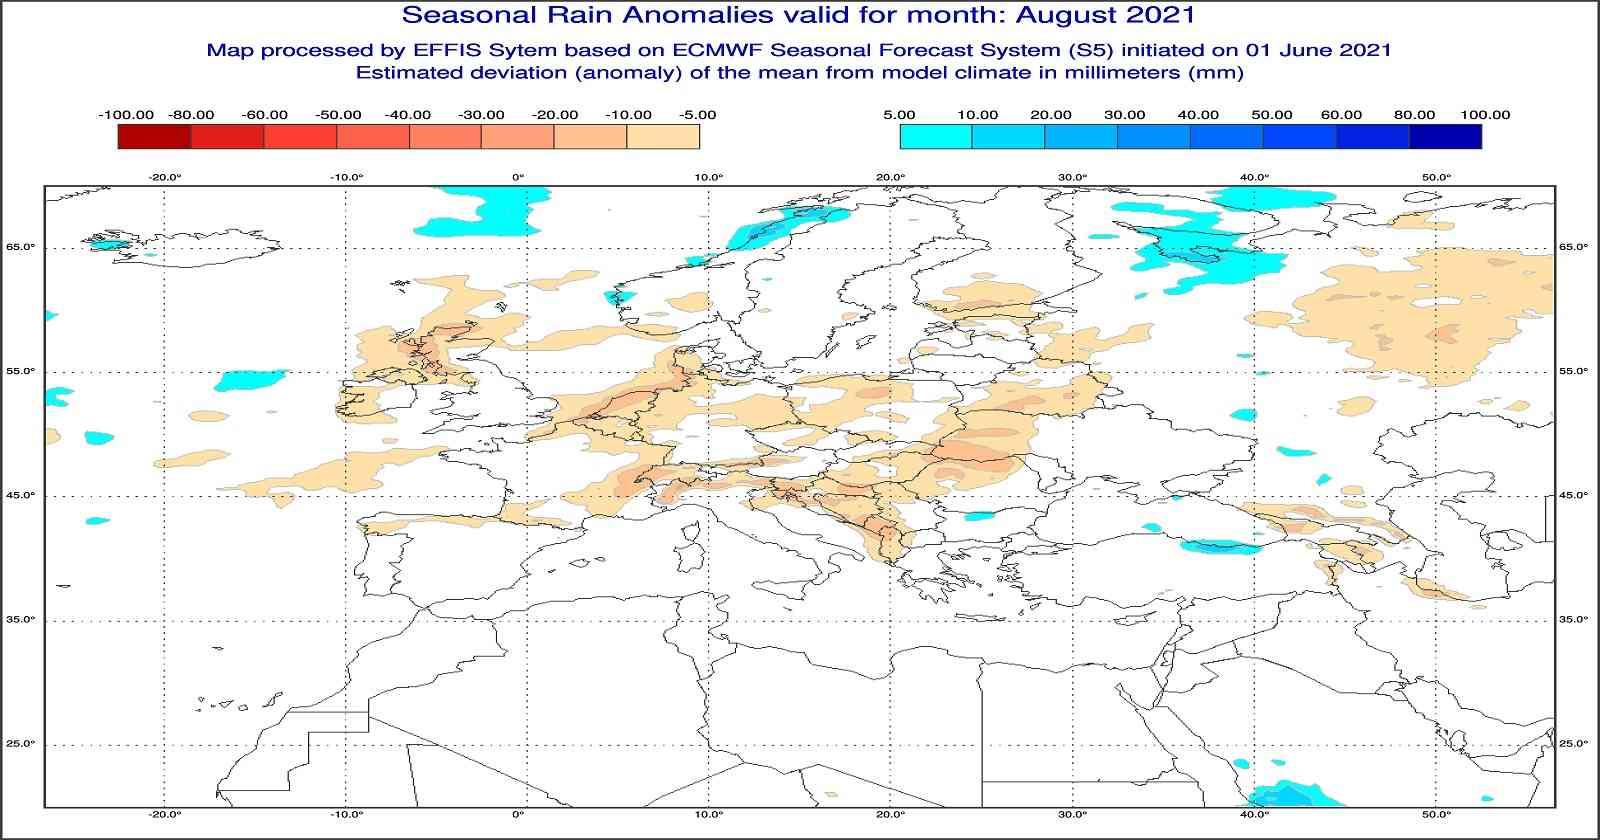 Anomalie di temperatura previste dal modello europeo per agosto 2021- effis.jrc.ec.europa.eu.eu